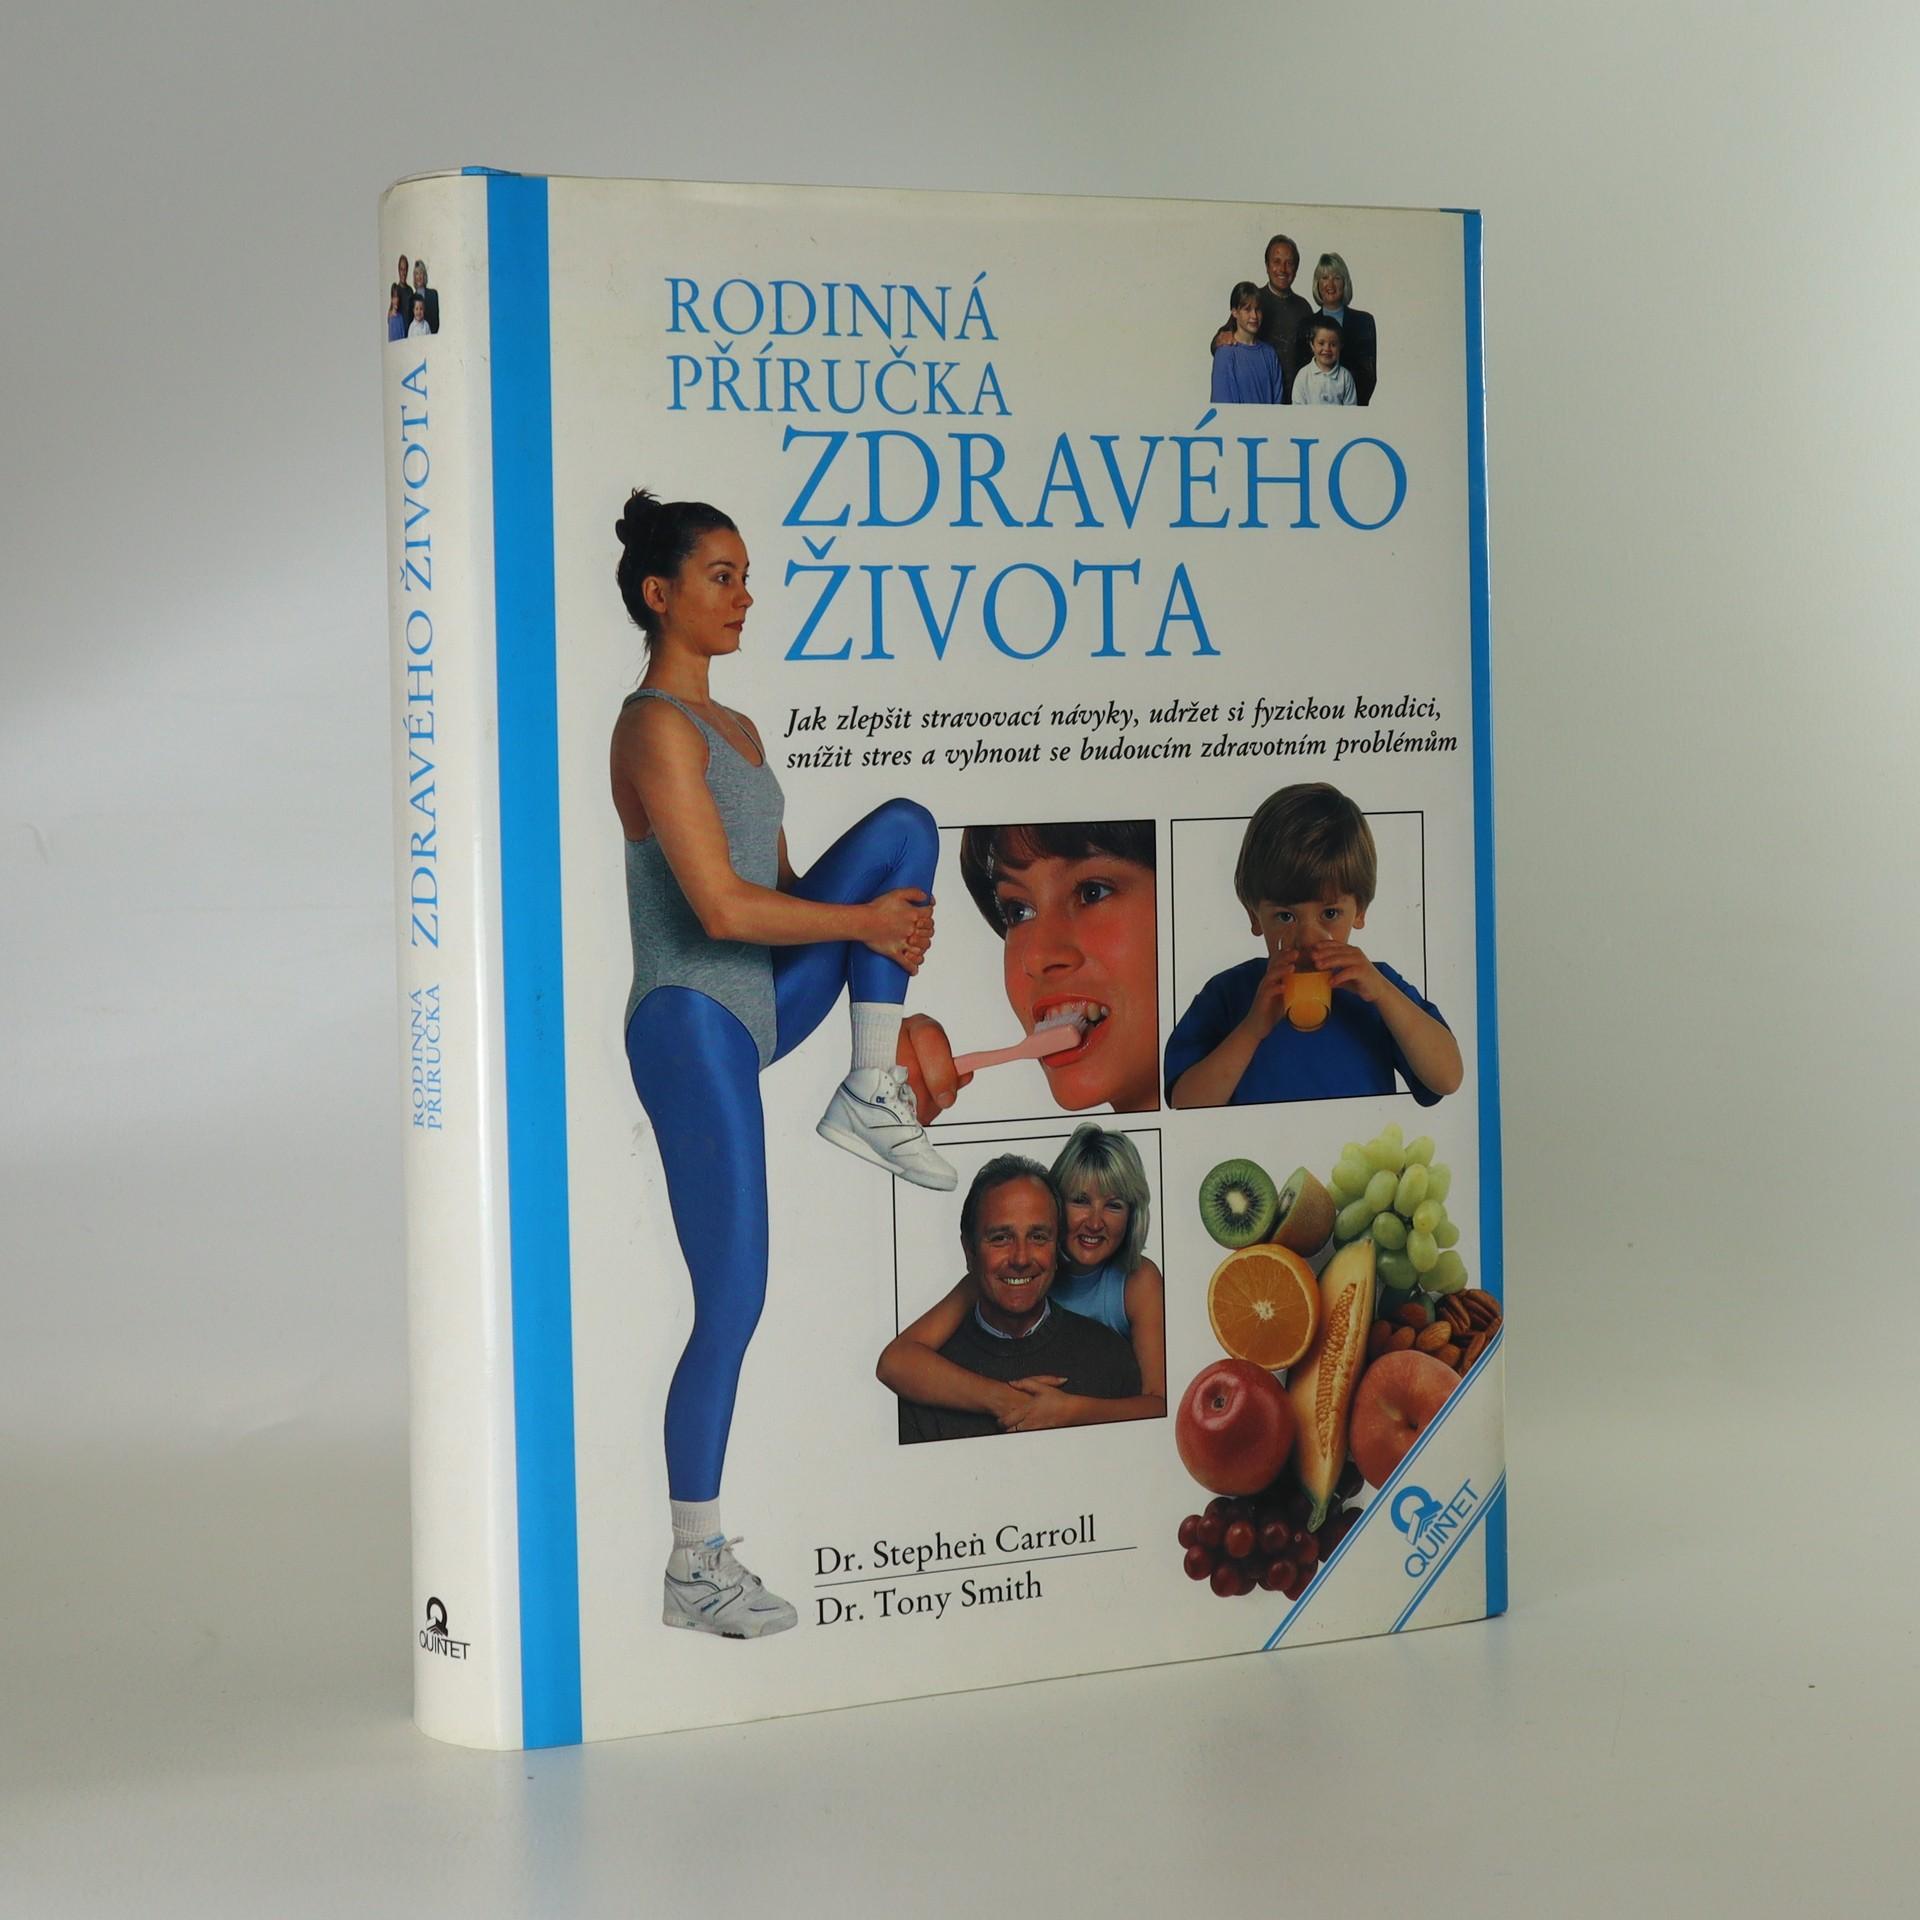 antikvární kniha Rodinná příručka zdravého života, 1993